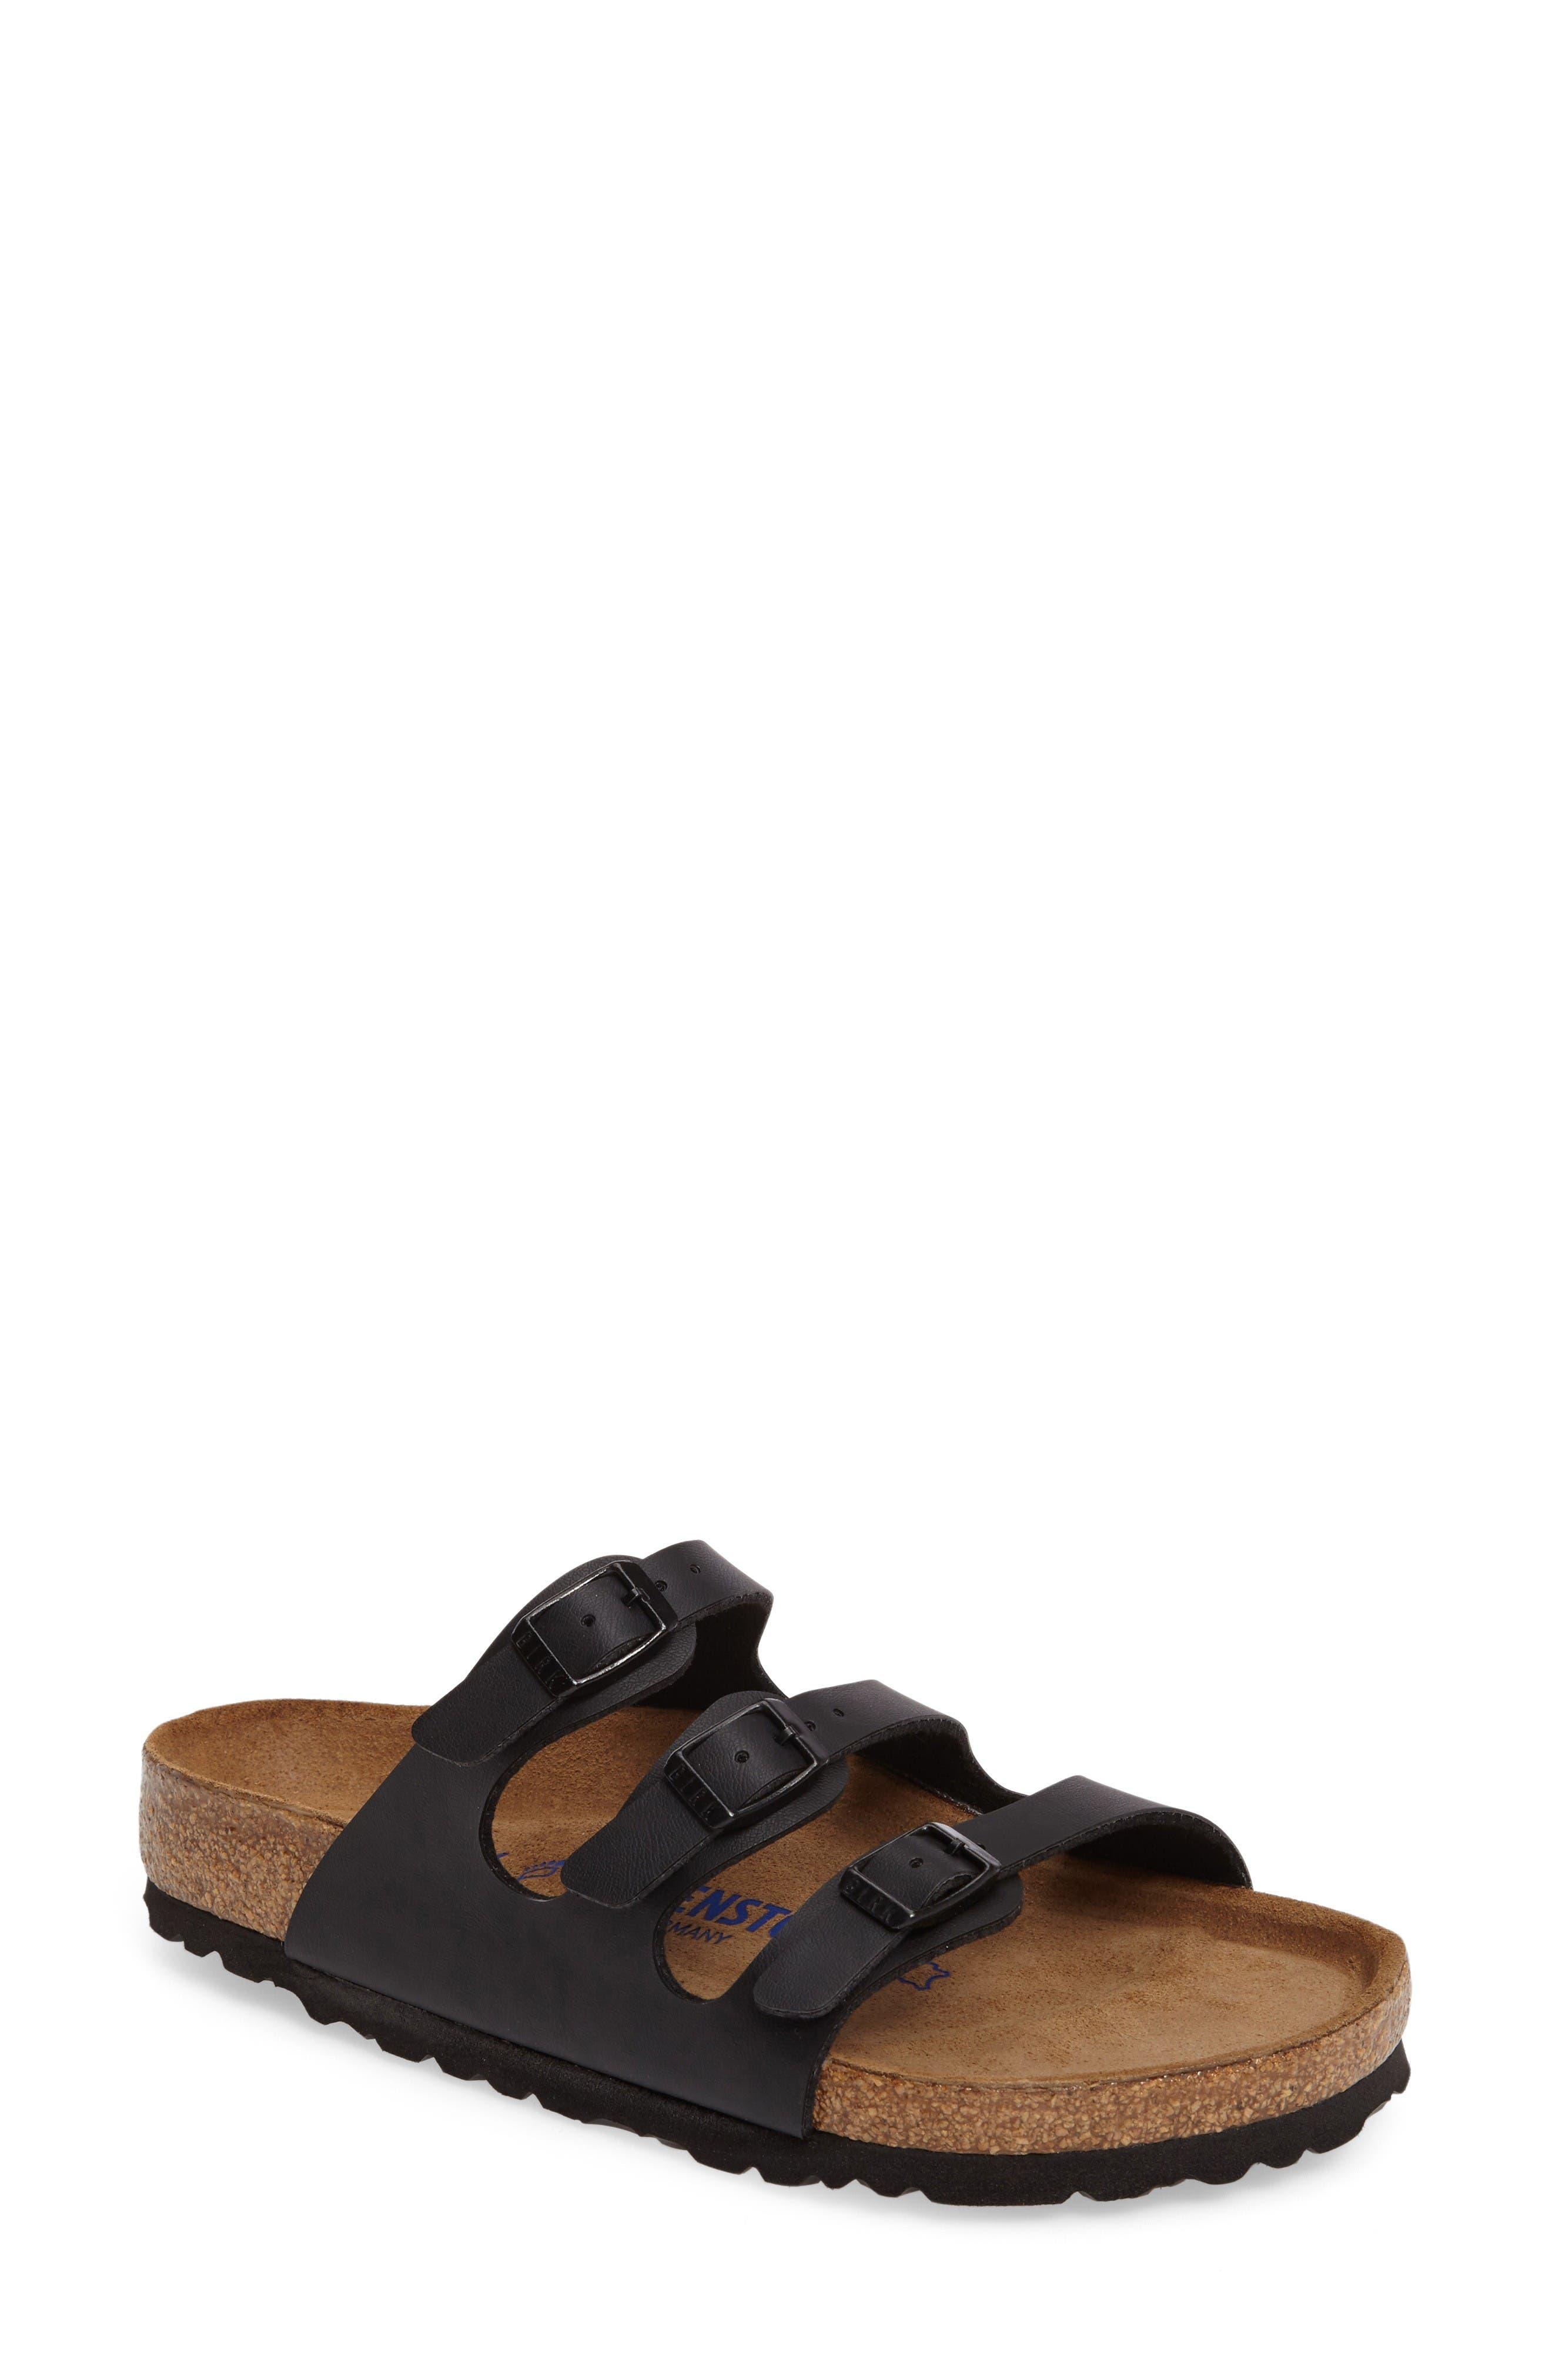 Birkenstock Florida Soft Footbed Slide Sandal (Women)